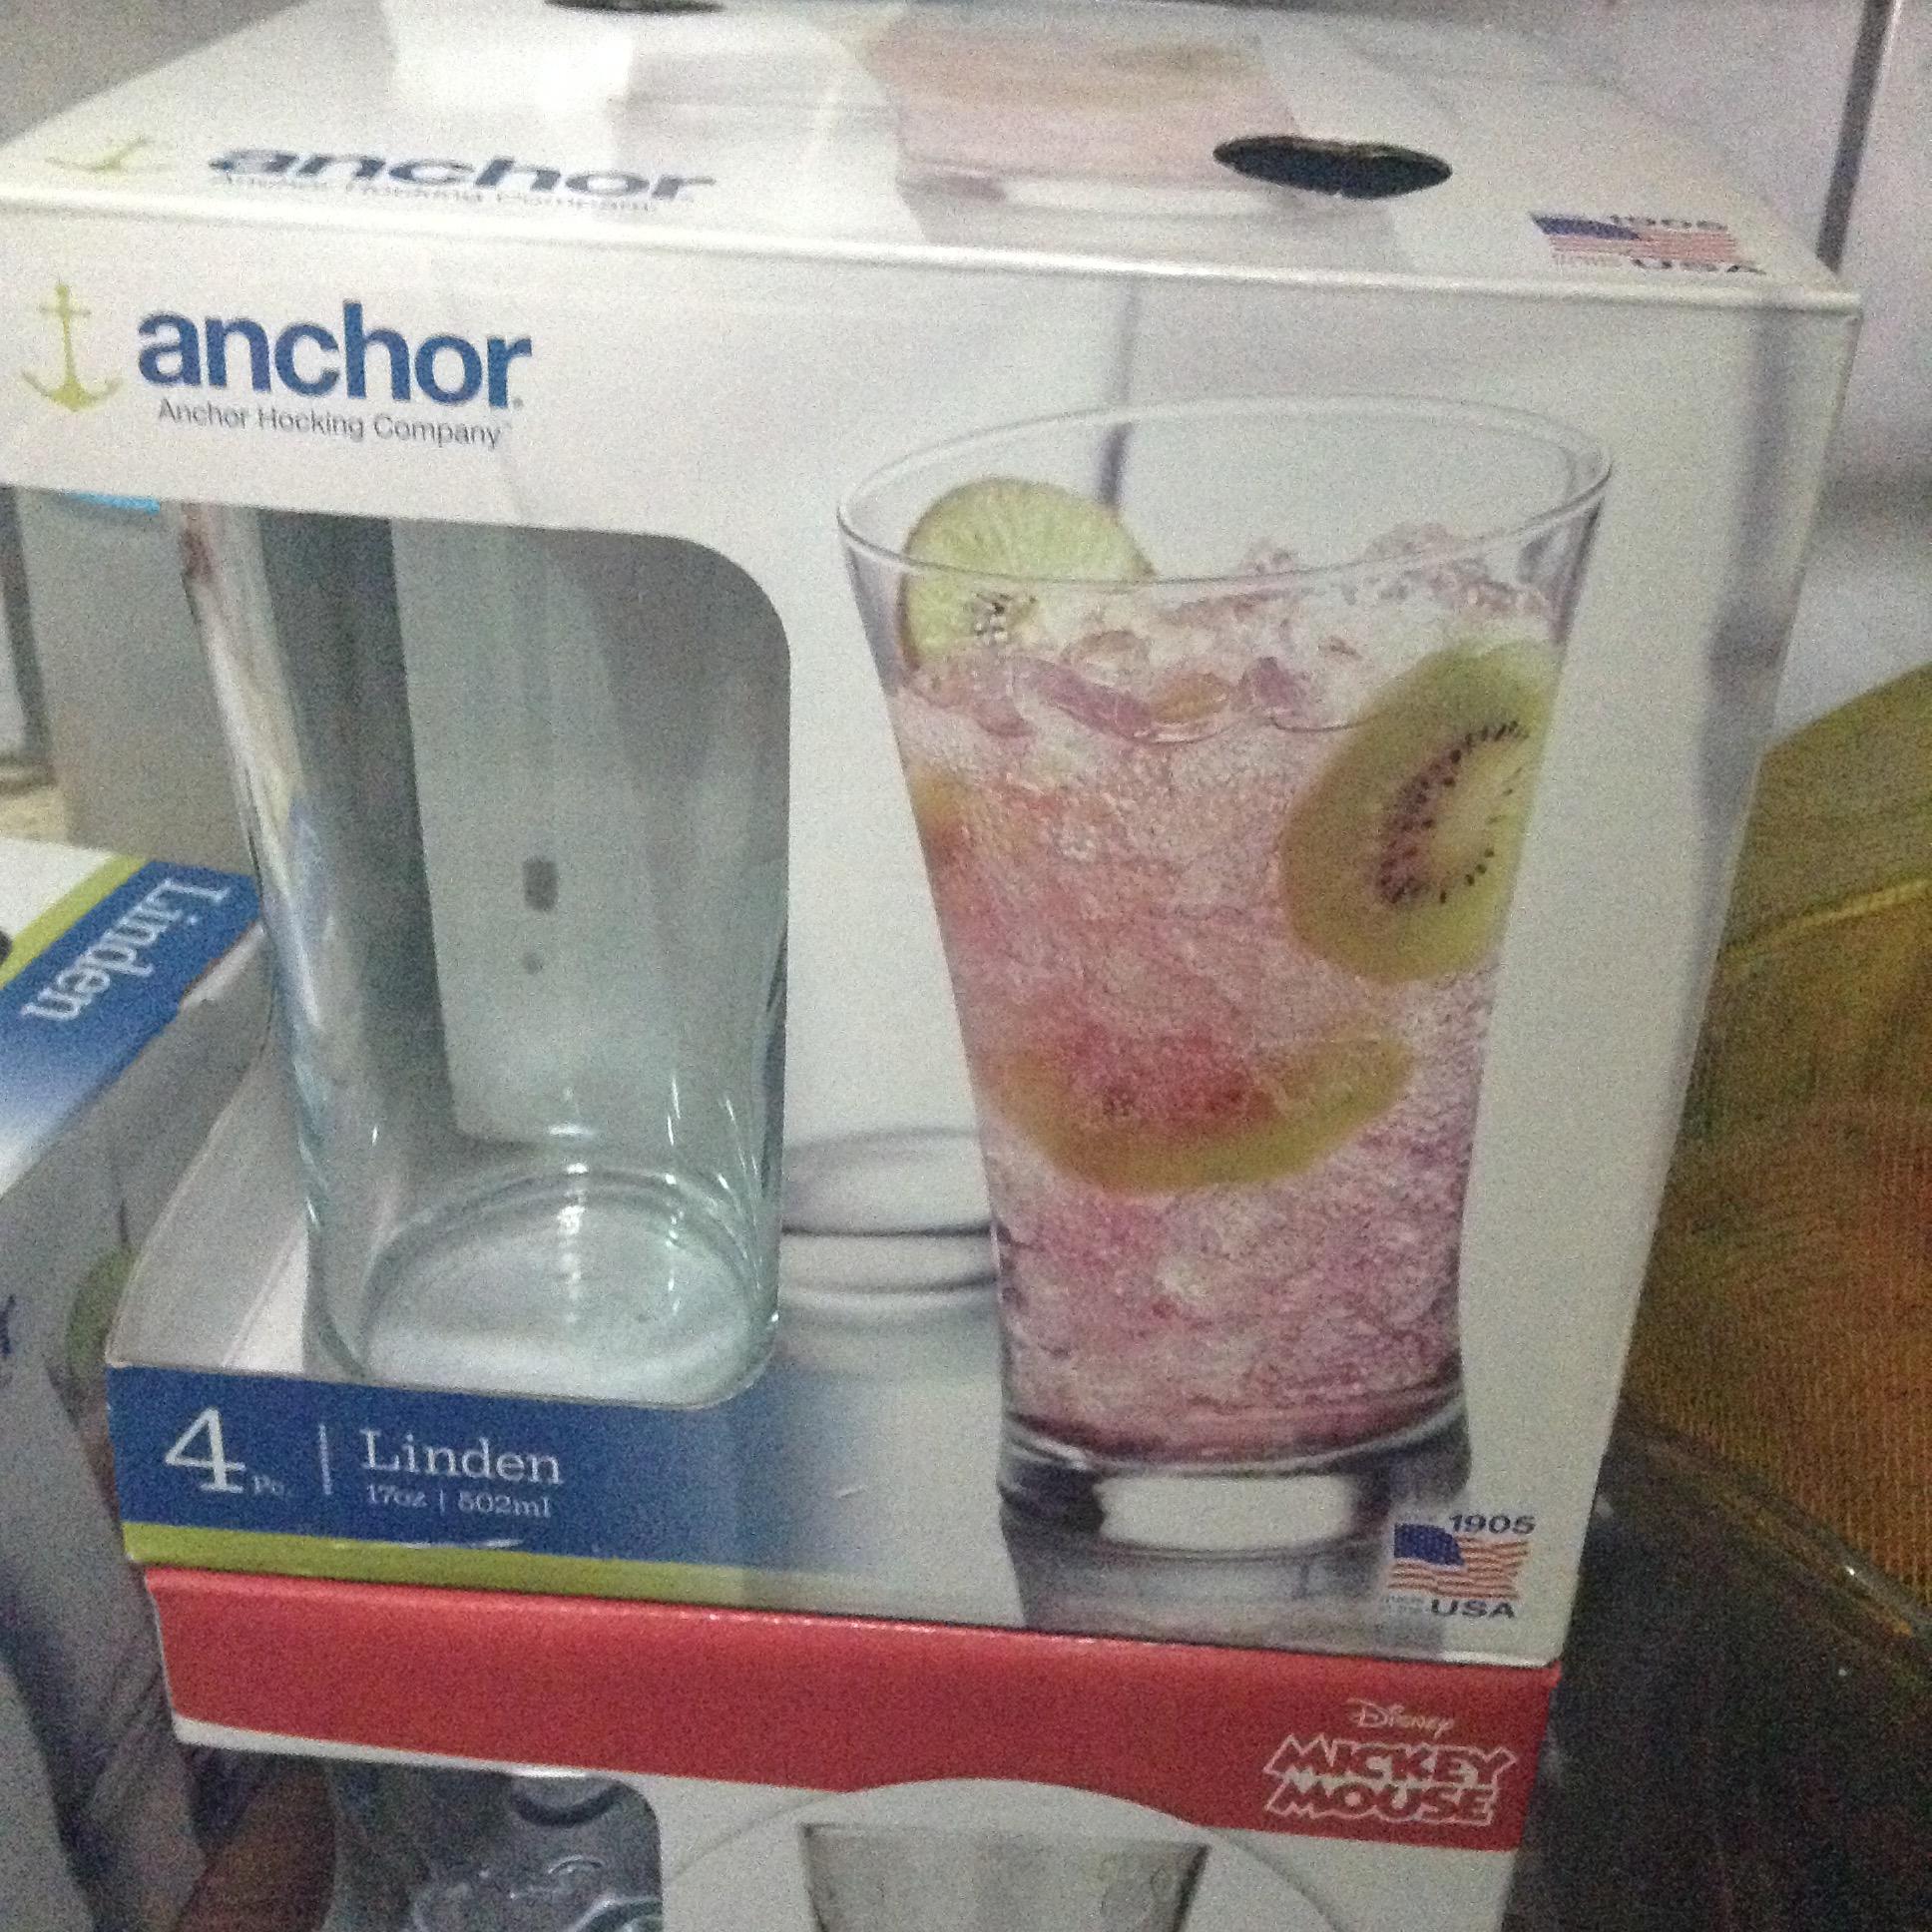 Walmart Escobedo Norte: Juego de 4 Vasos anchor a $17.02